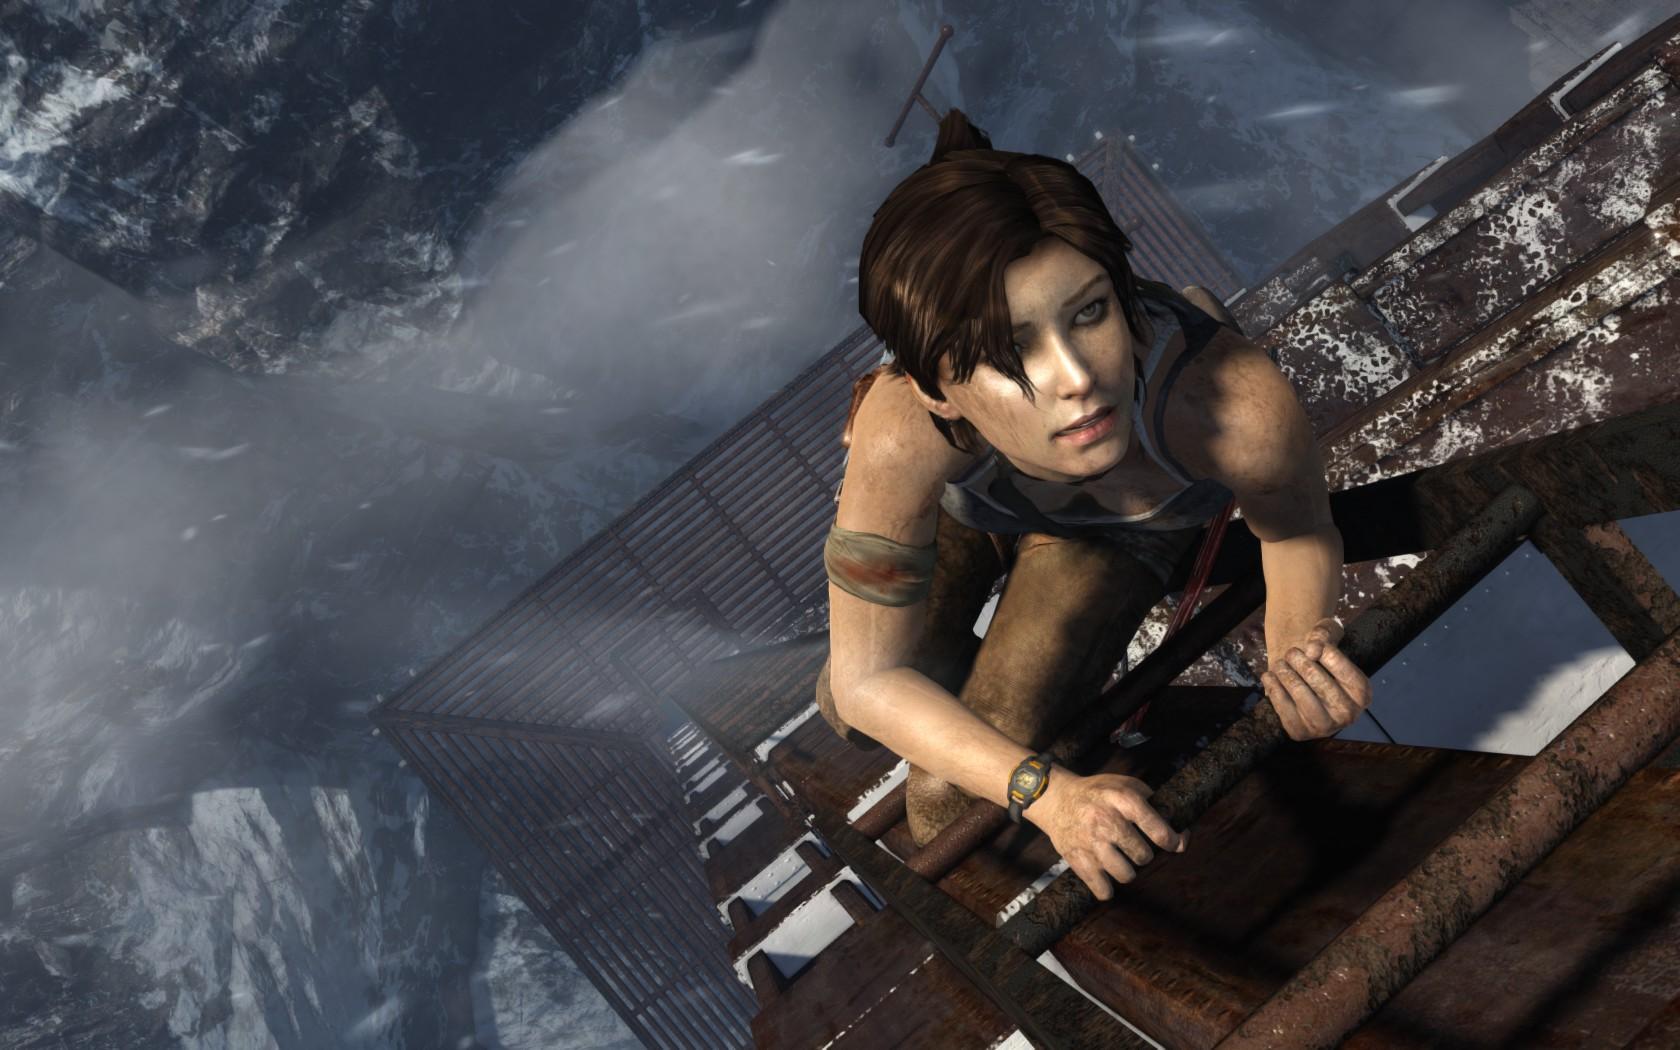 Tomb Raider 2013 Webnv